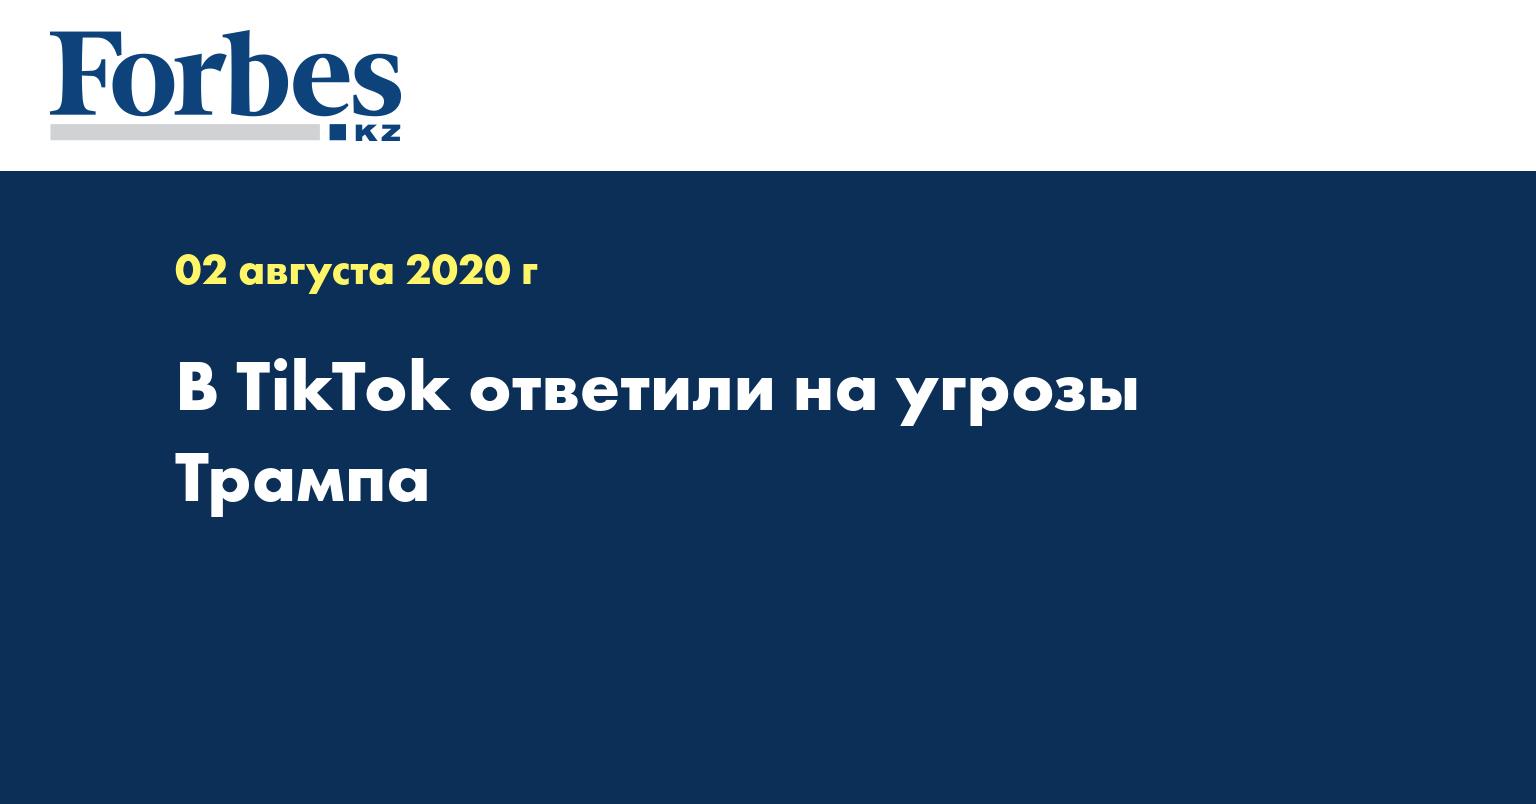 В TikTok ответили на угрозы Трампа